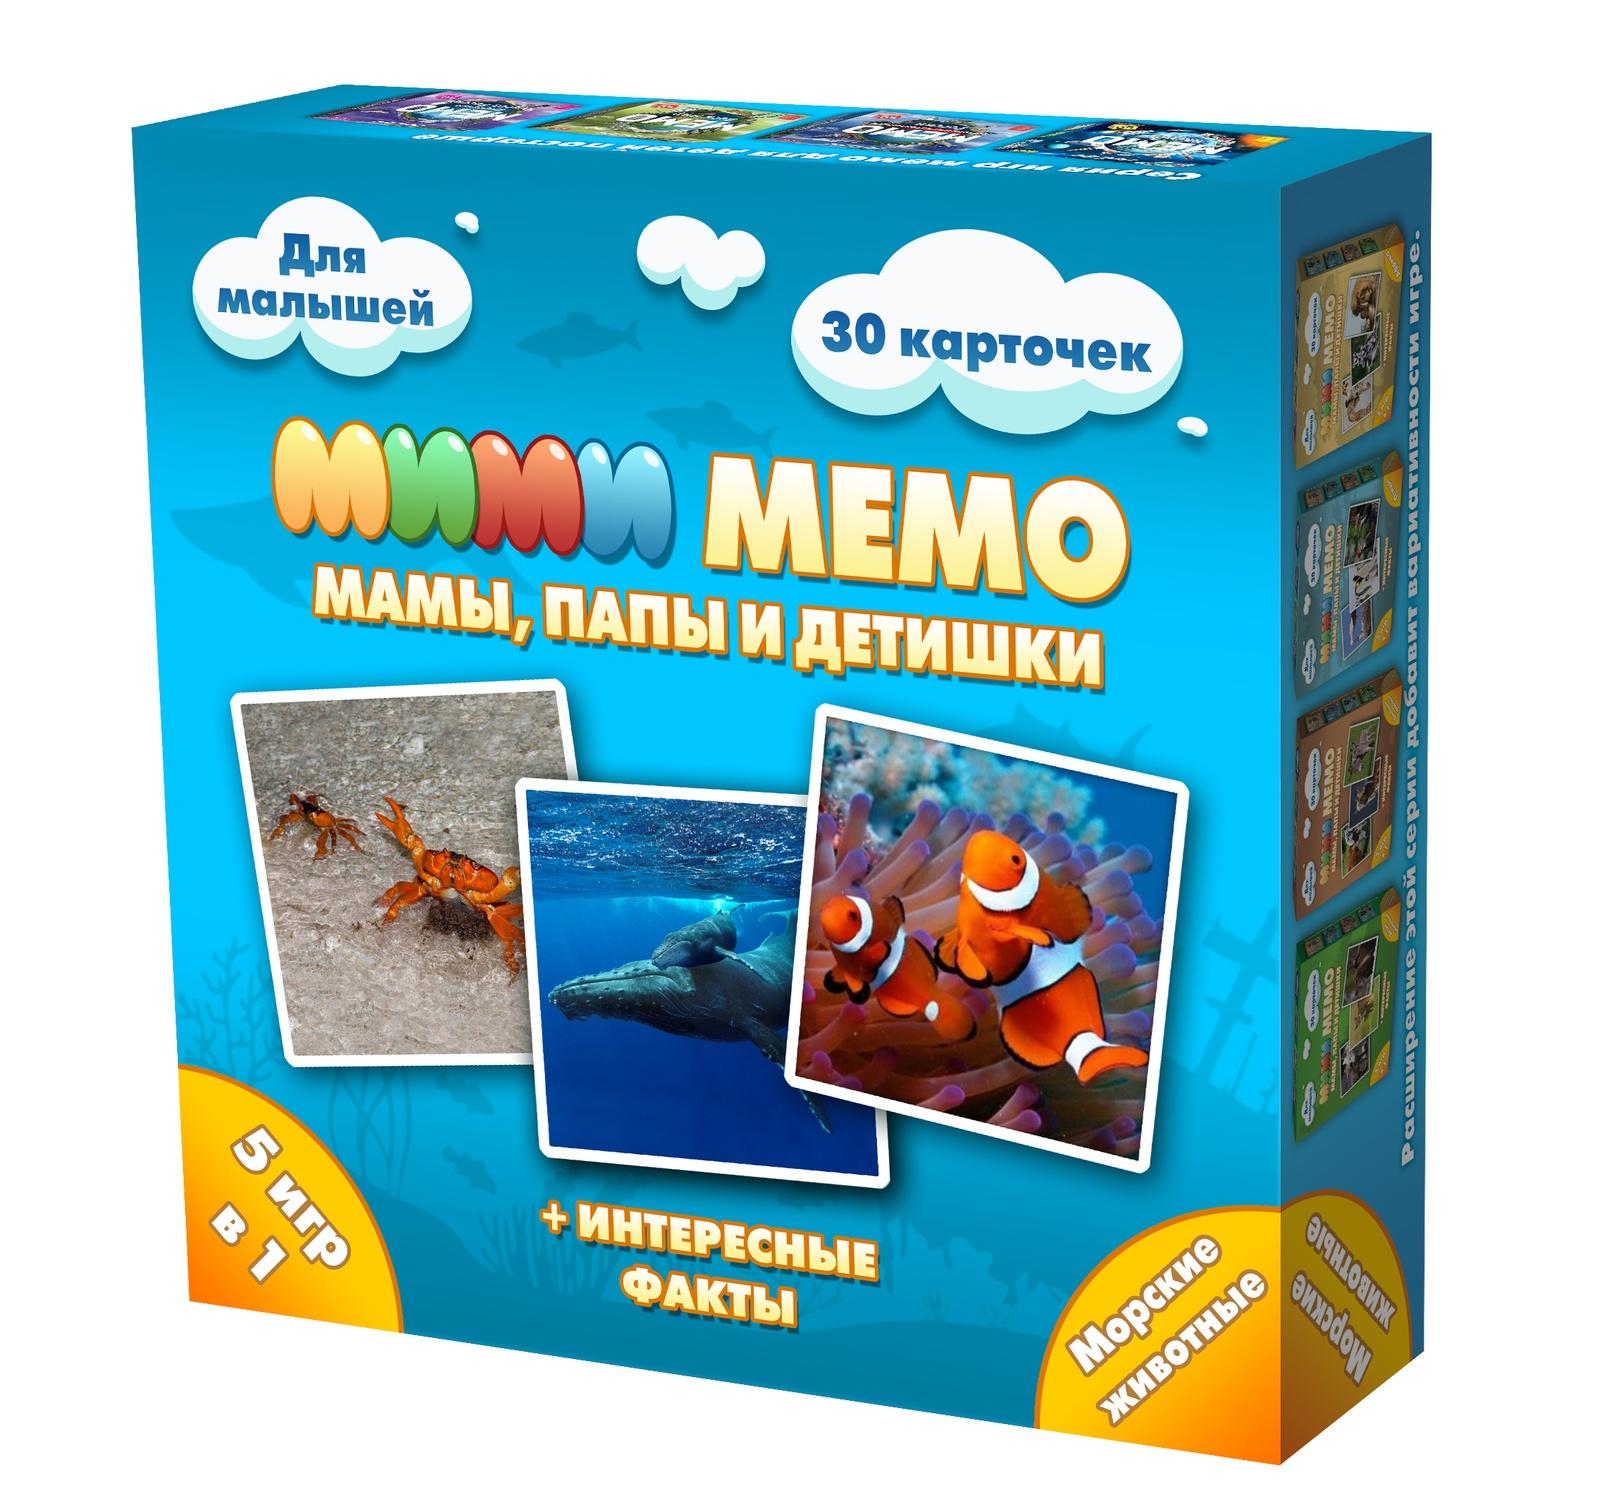 Обучающая игра Нескучные игры Ми-Ми-Мемо, 8053 анданте мемо обучающая игра найди пару формы и цвета 24 фишки